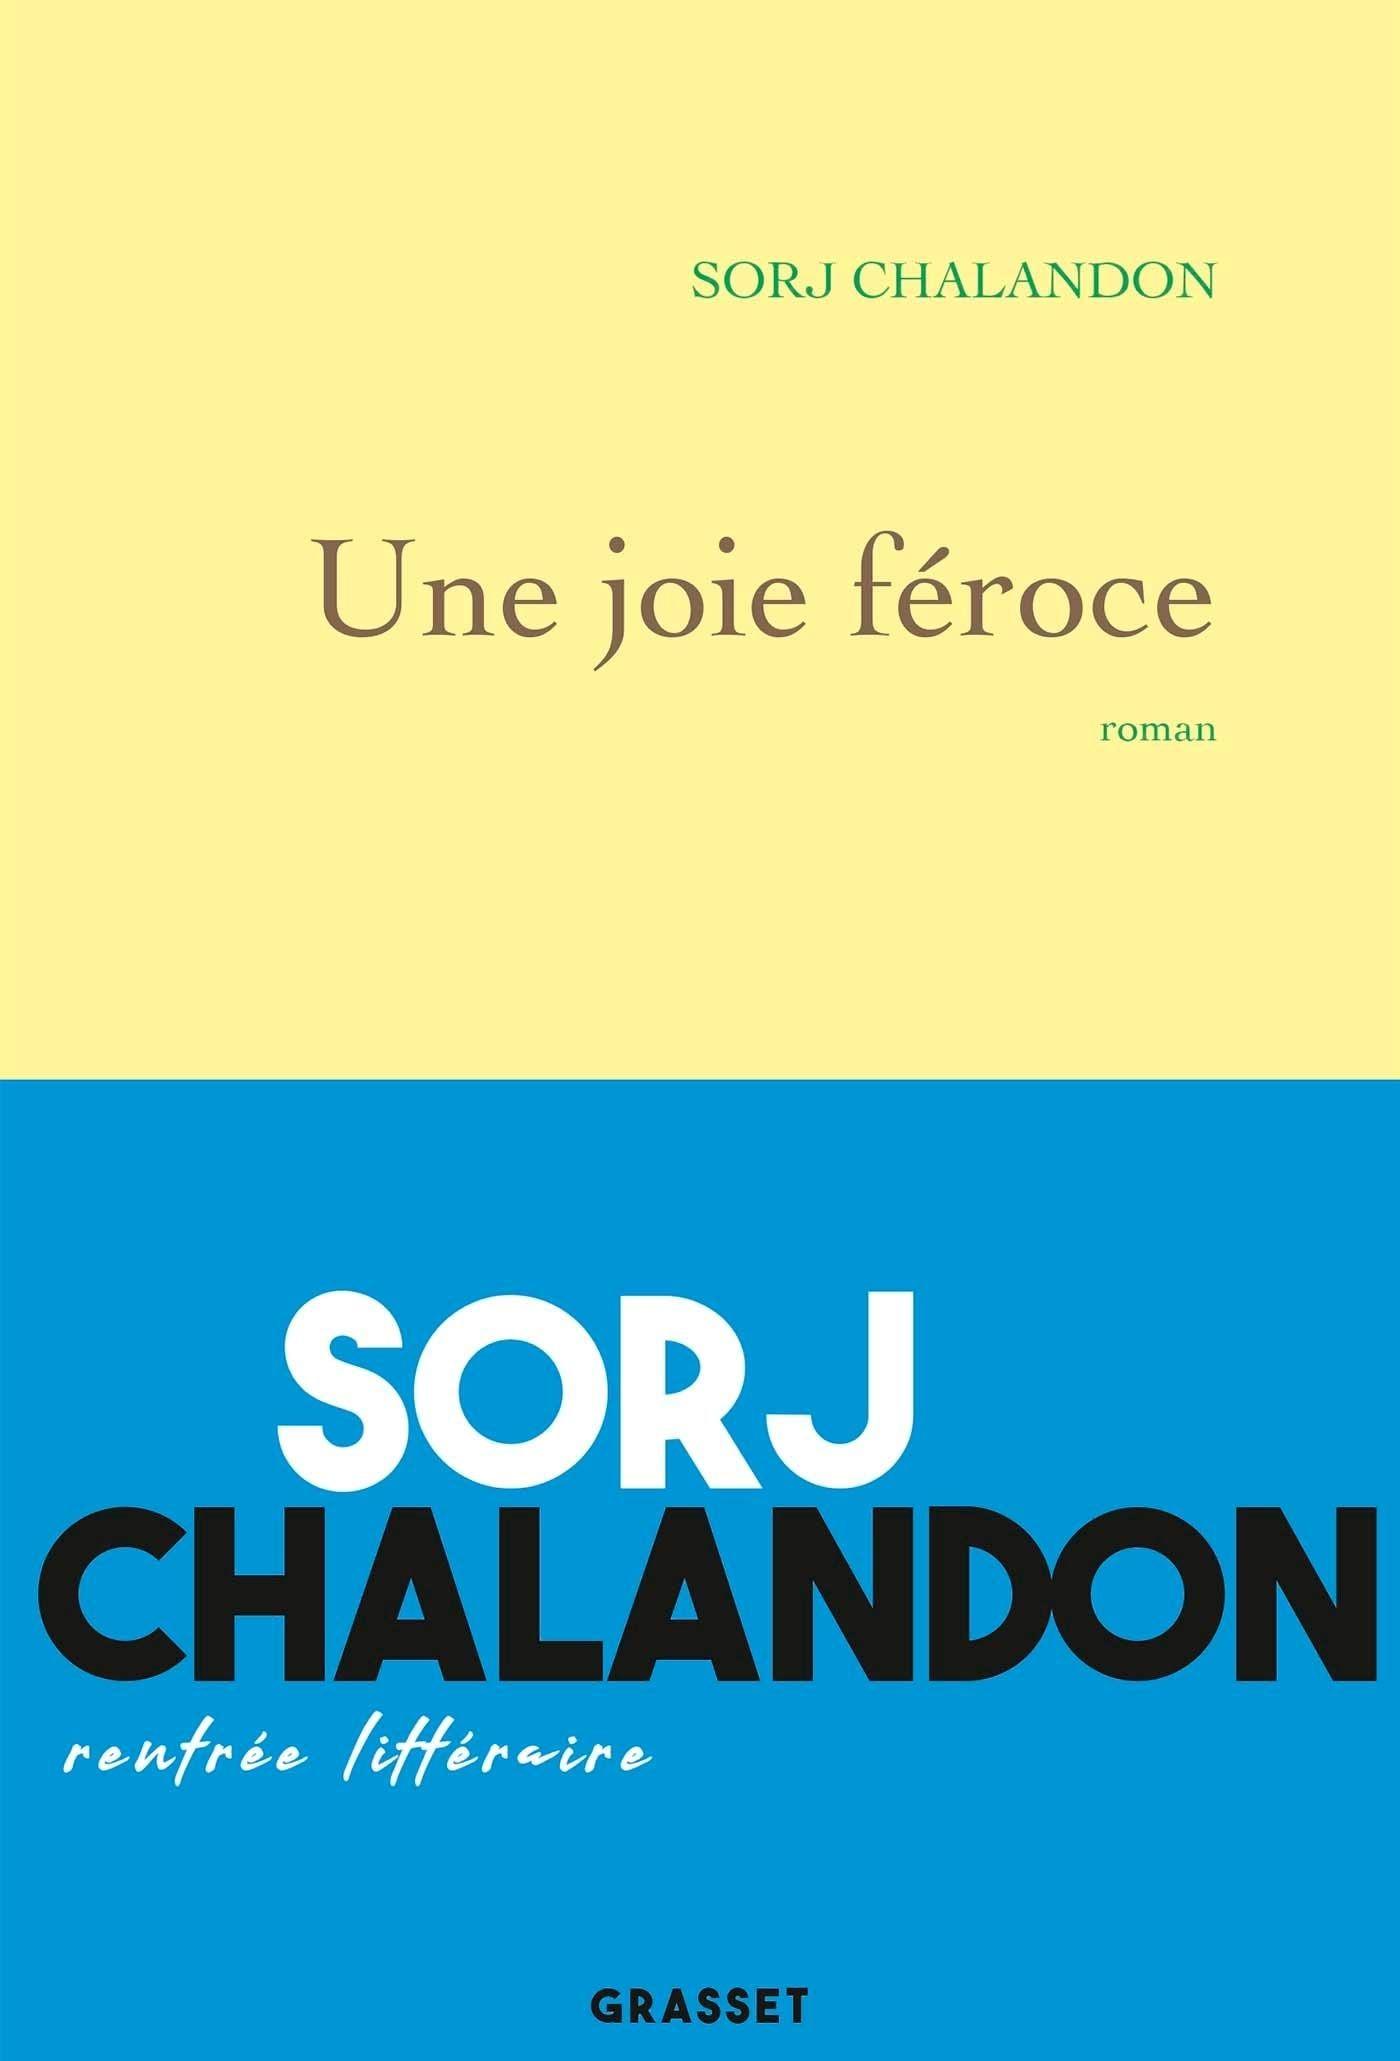 """Livre : """"Une joie féroce"""" de Sorj Chalandon : Une aventure improbable et dérangeante"""